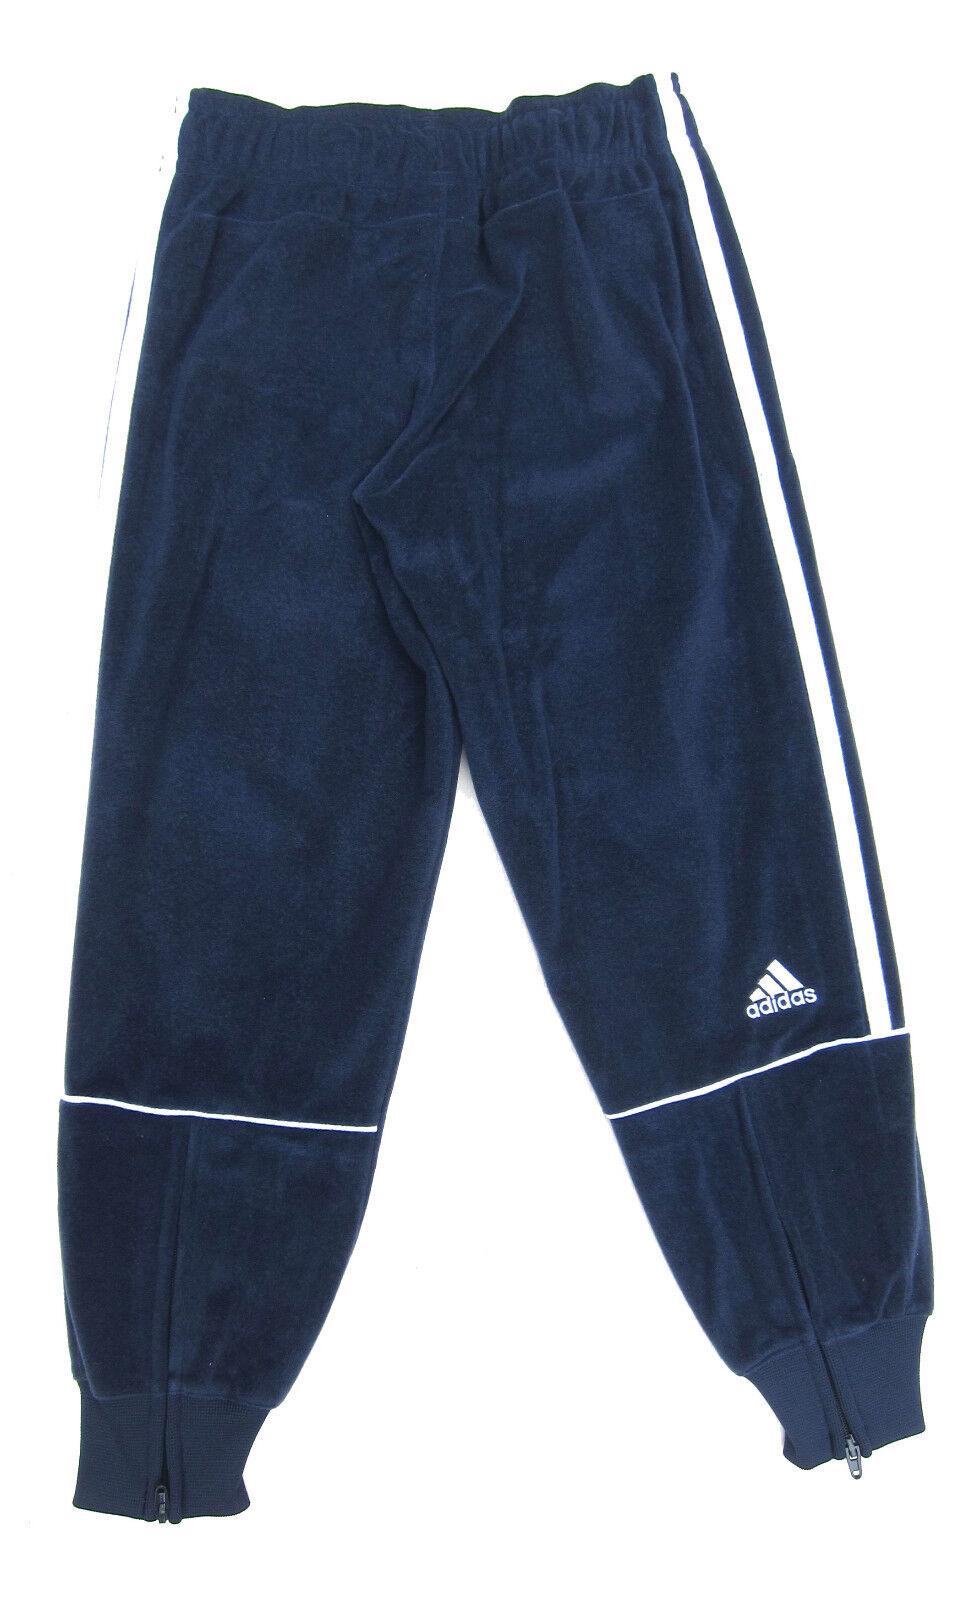 Dettagli su Adidas Ragazzi Pantaloni Tuta Velluto 5 6Y 7 8Y 9 10Y 11 12Y 13 14Y 15 16